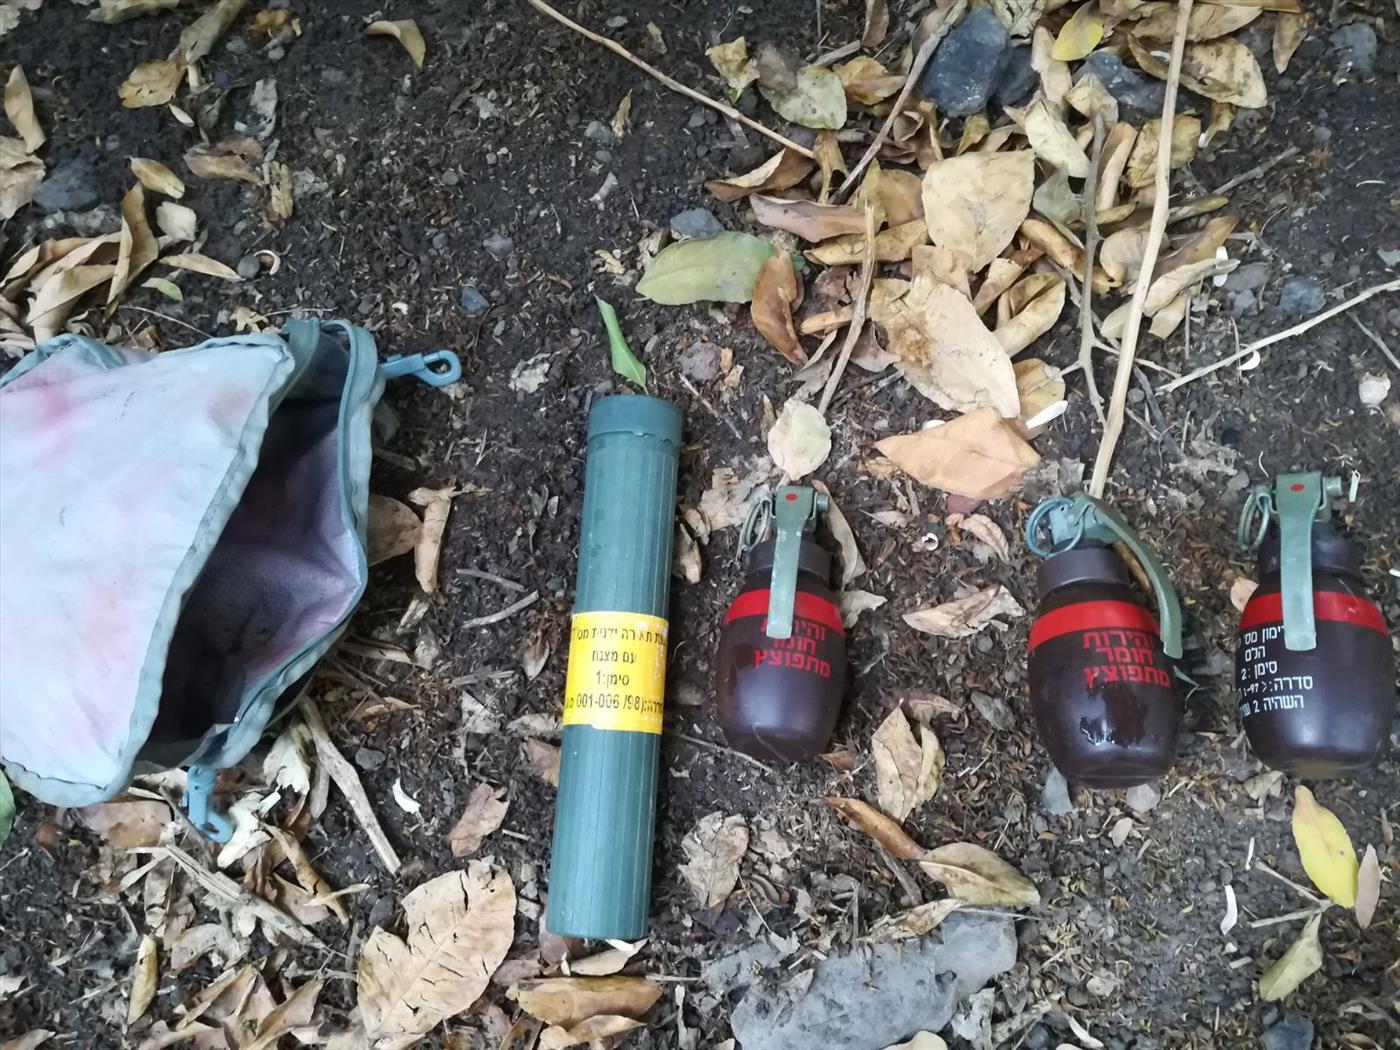 נשק שנתפס בשבועיים האחרונים בכפרים ערבים בצפון. צילום: דוברות המשטרה